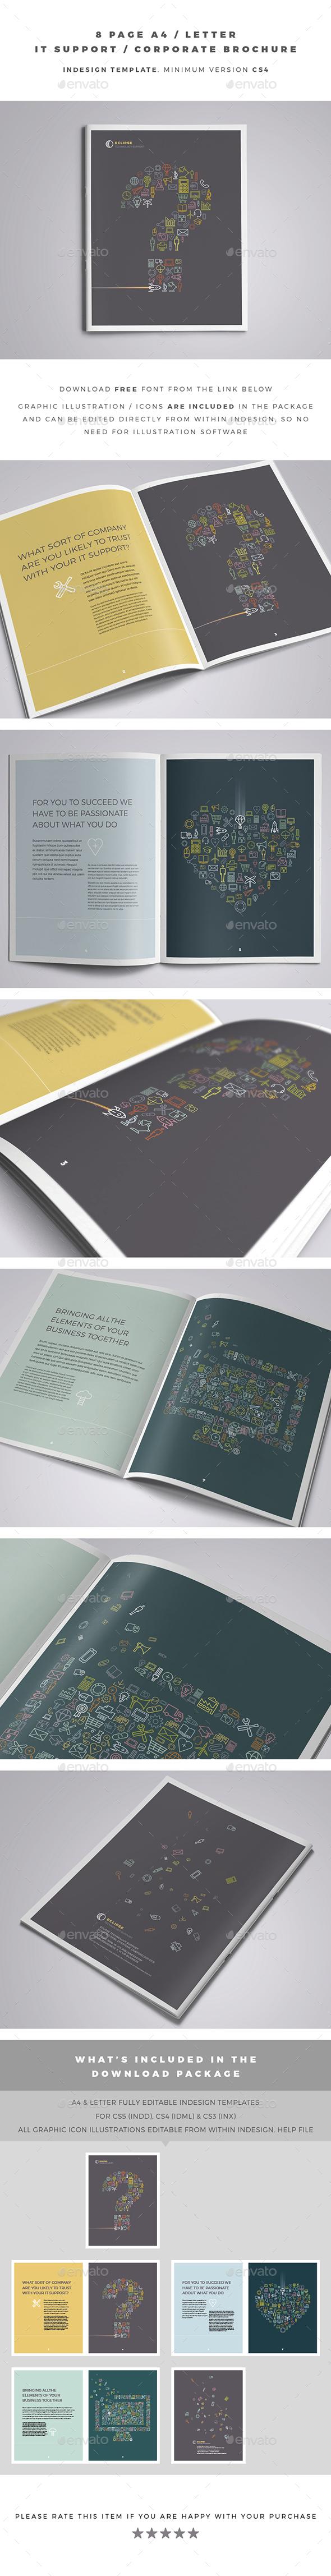 IT Support Brochure - Corporate Brochures